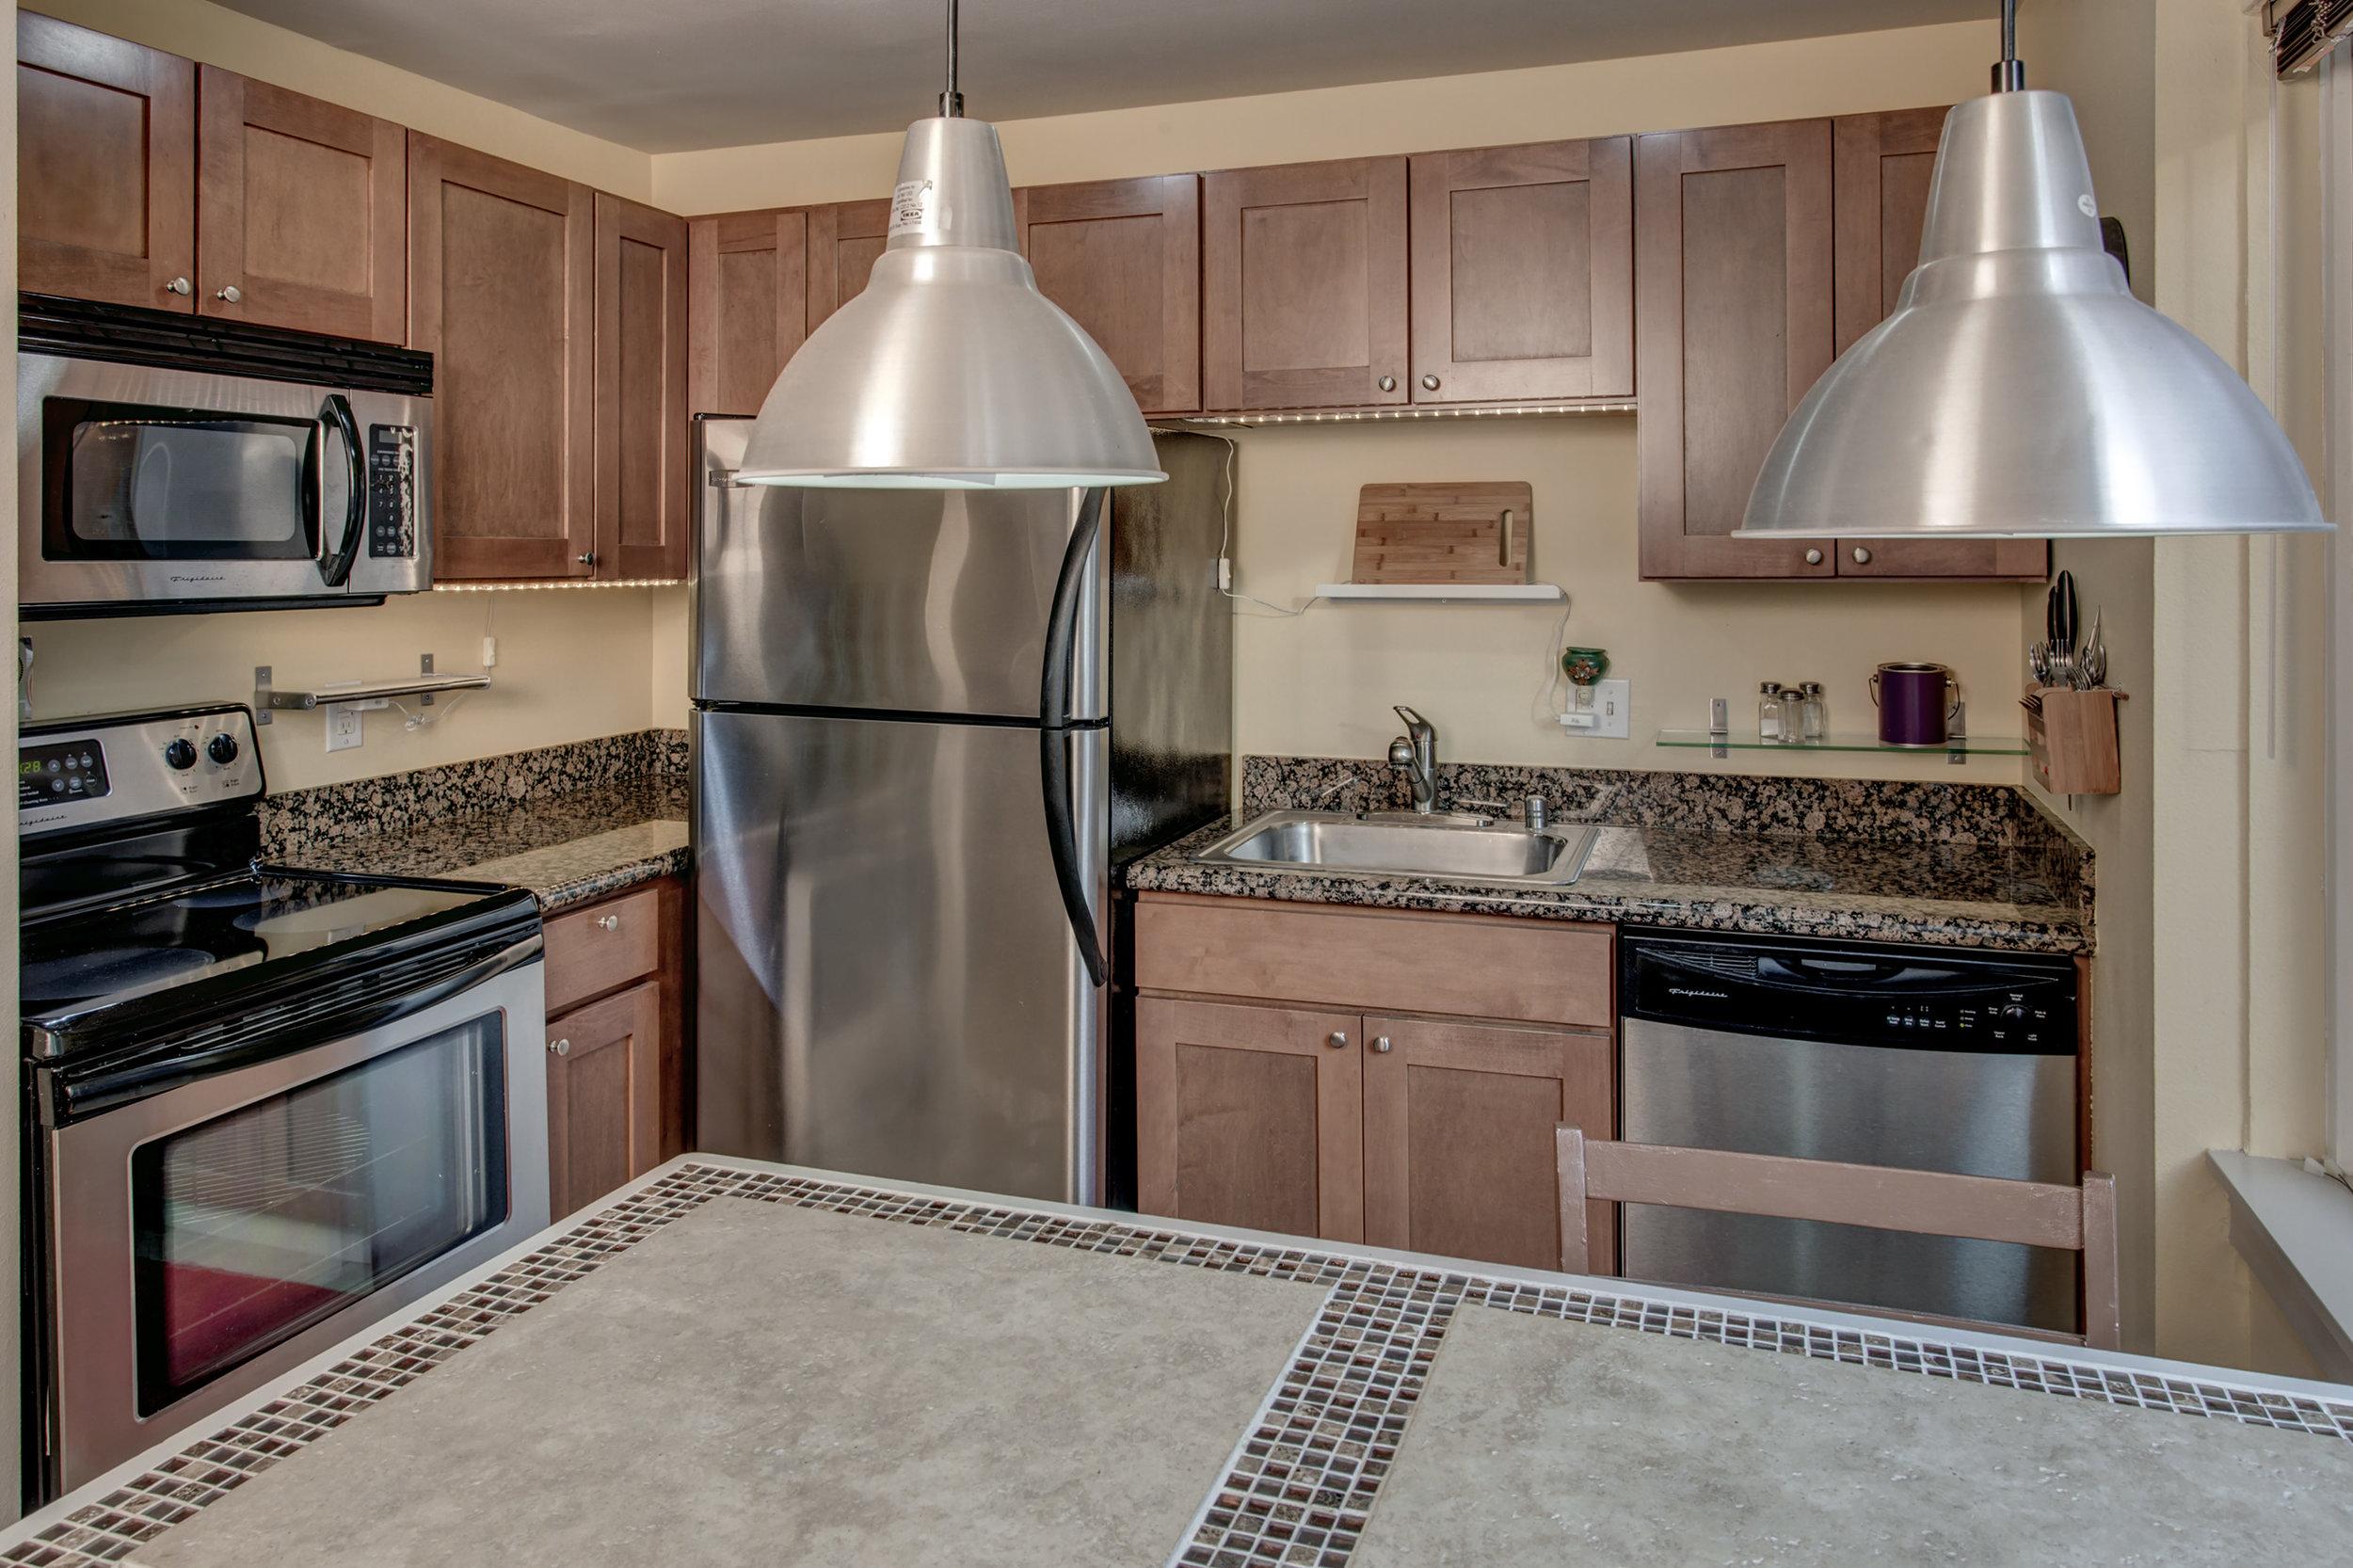 11-Kitchen01.jpg